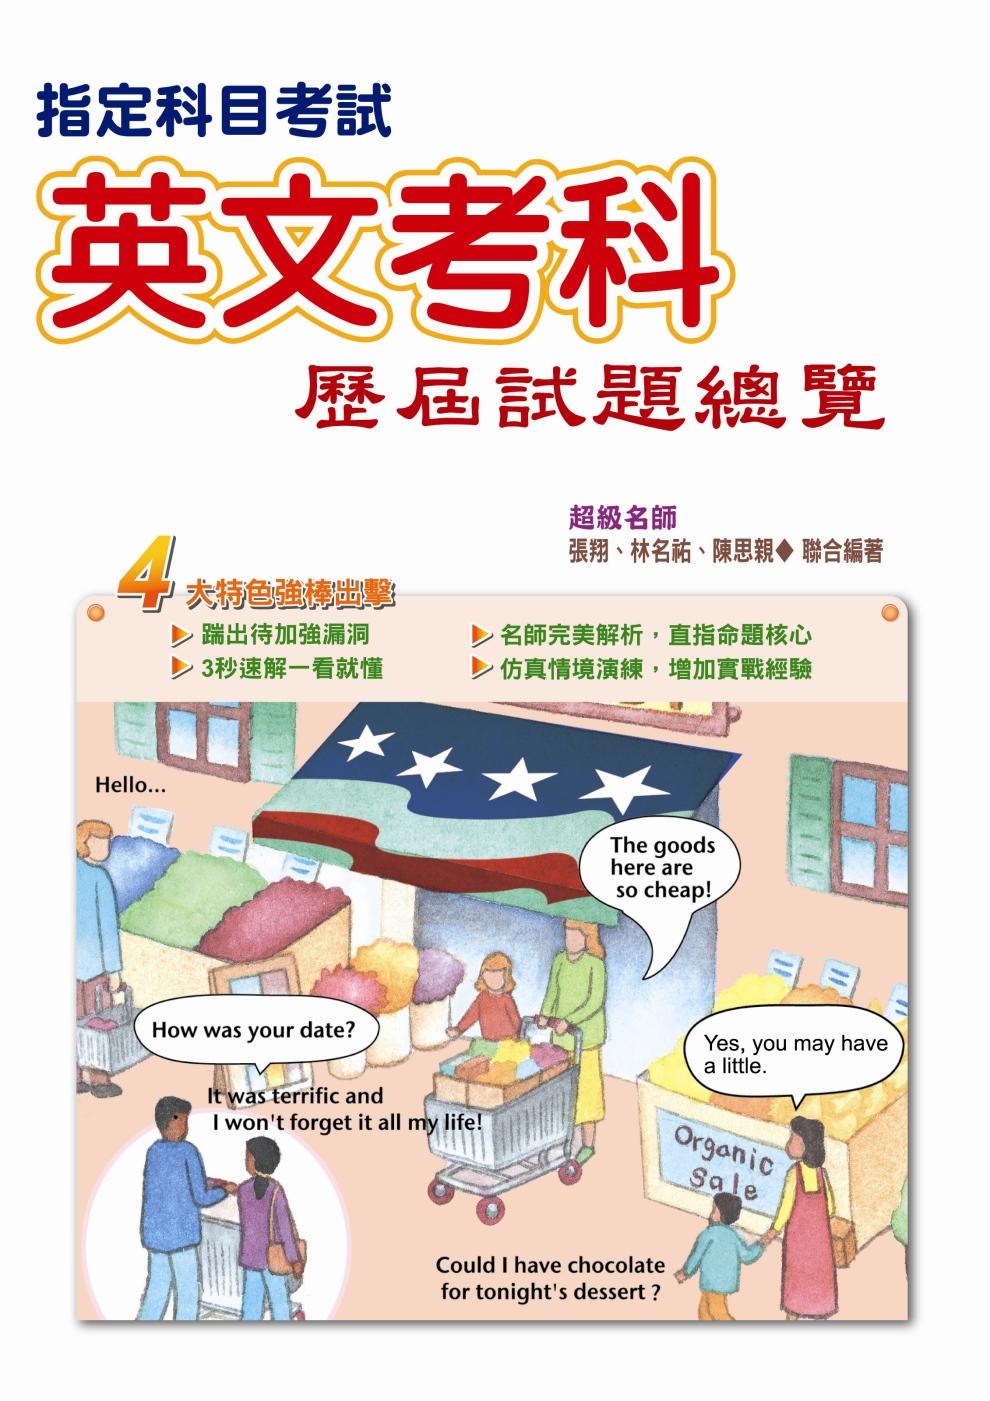 105指定科目考試英文考科歷屆試題總覽